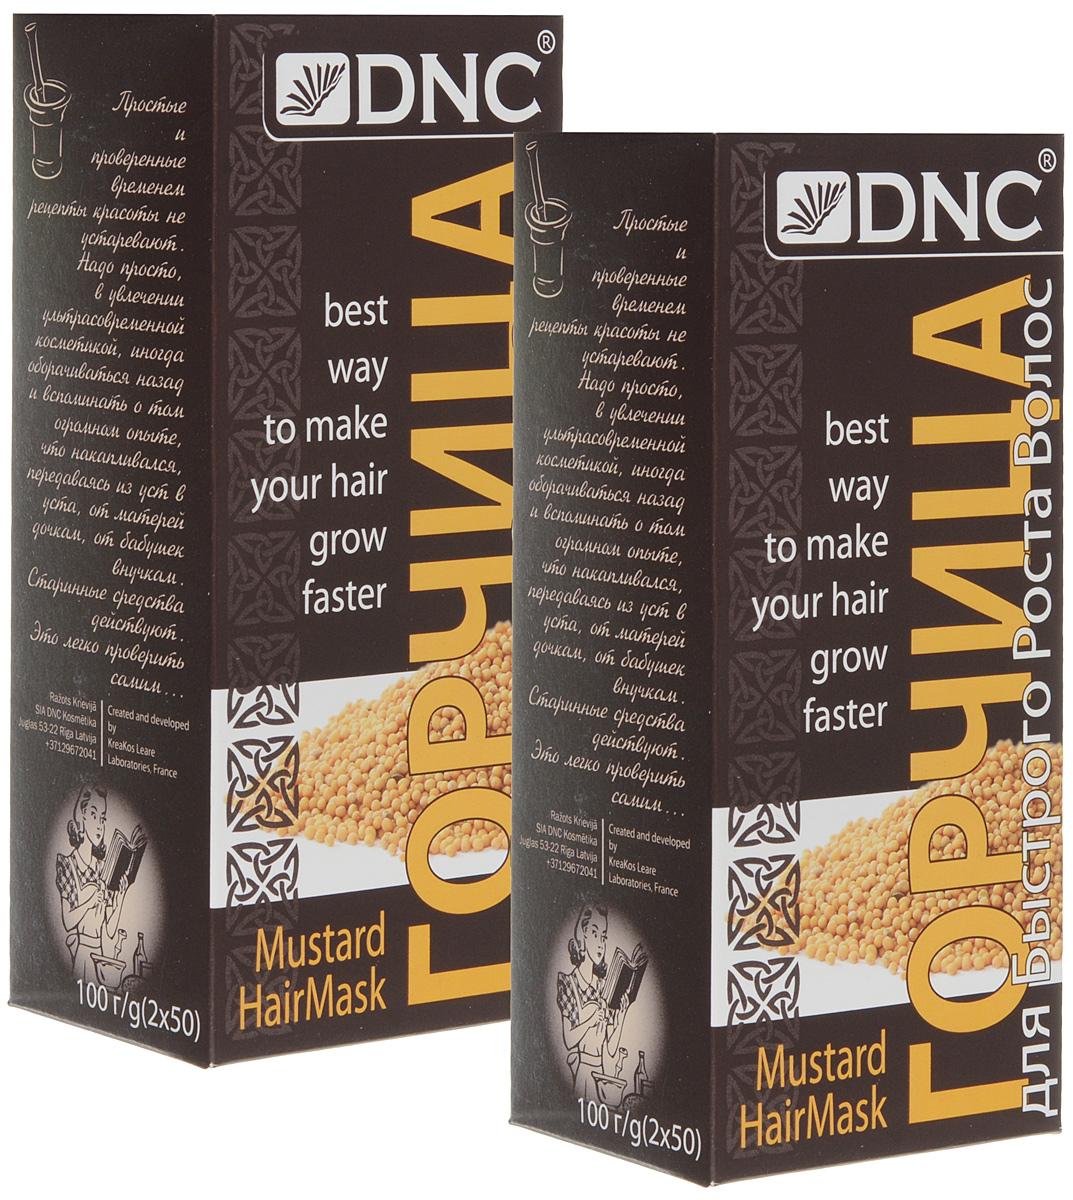 DNC Горчица для волос + Горчица для волос (2*100г) набор4751006752498Почувствуйте, как тепло добирается до тысяч усталых и неработающих волосяных луковичек побуждая их к росту красивых и крепких волос. для быстрого роста волос Действие на волосы: растут быстрее меньше выпадают выглядят красивее дольше не пачкаются корни волос пробуждаются к активности подсушивает жирные волосы очищает волосы лучше шампуня Маска вызывает приток крови к корням волос, способной разбудить и заставить активнее расти самые ленивые волоски. Усиленный кровоток доставляет питательные вещества и кислород, необходимые для здорового роста волос, прямо к луковицам, а лечебные травы и аминокислоты поддерживают стимуляцию их работы.